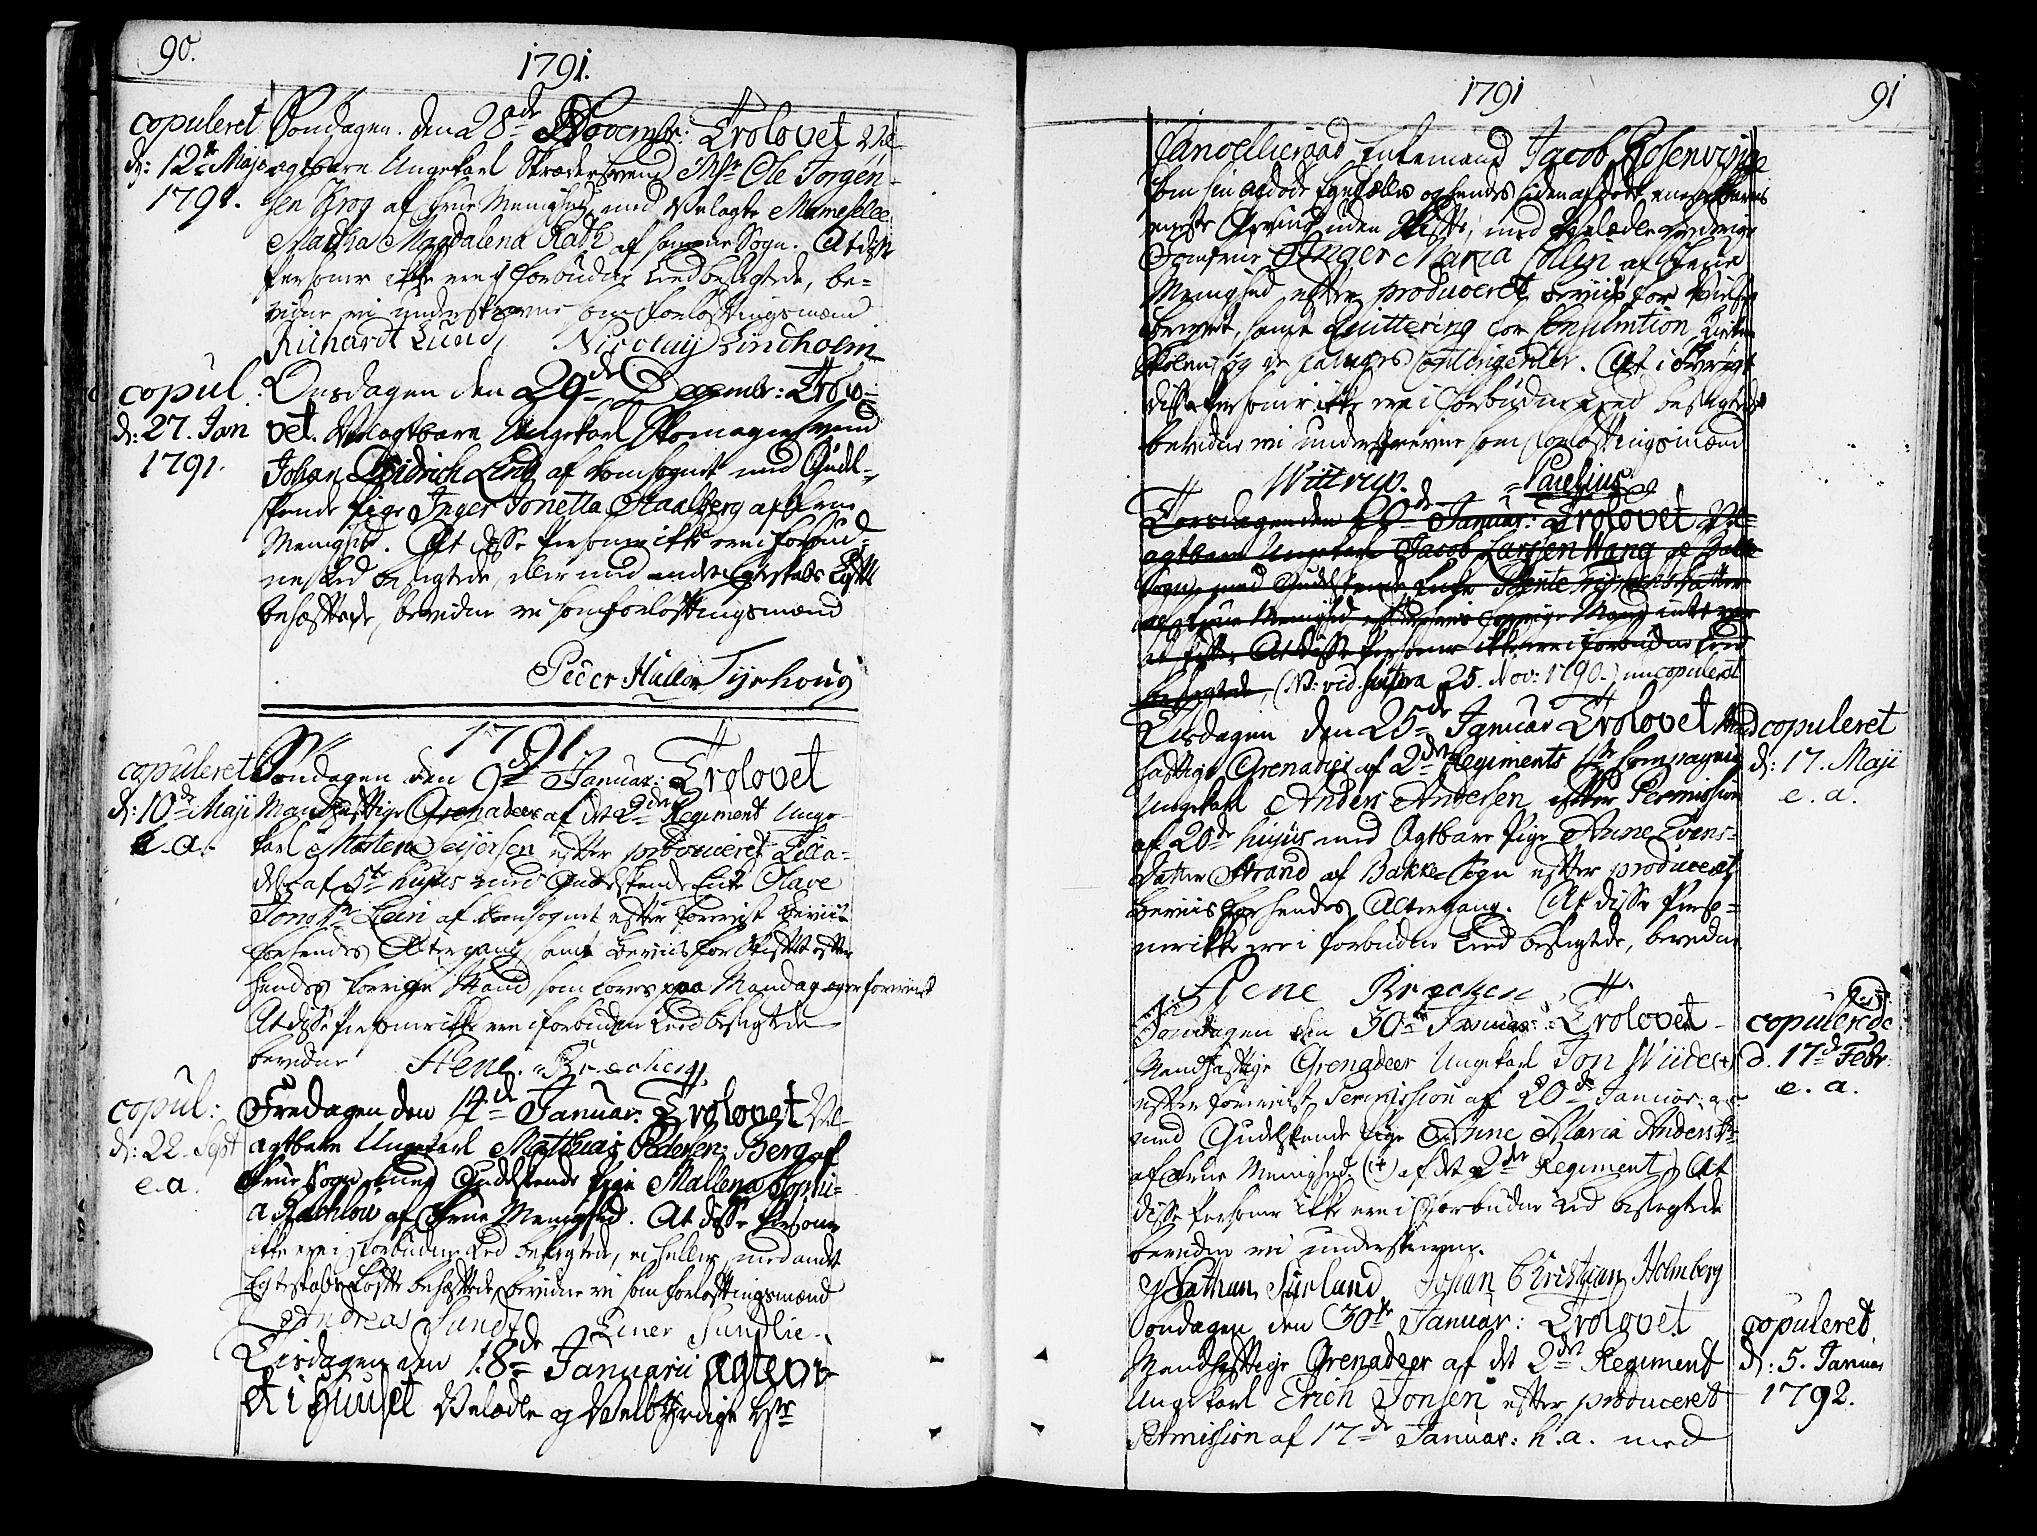 SAT, Ministerialprotokoller, klokkerbøker og fødselsregistre - Sør-Trøndelag, 602/L0105: Ministerialbok nr. 602A03, 1774-1814, s. 90-91